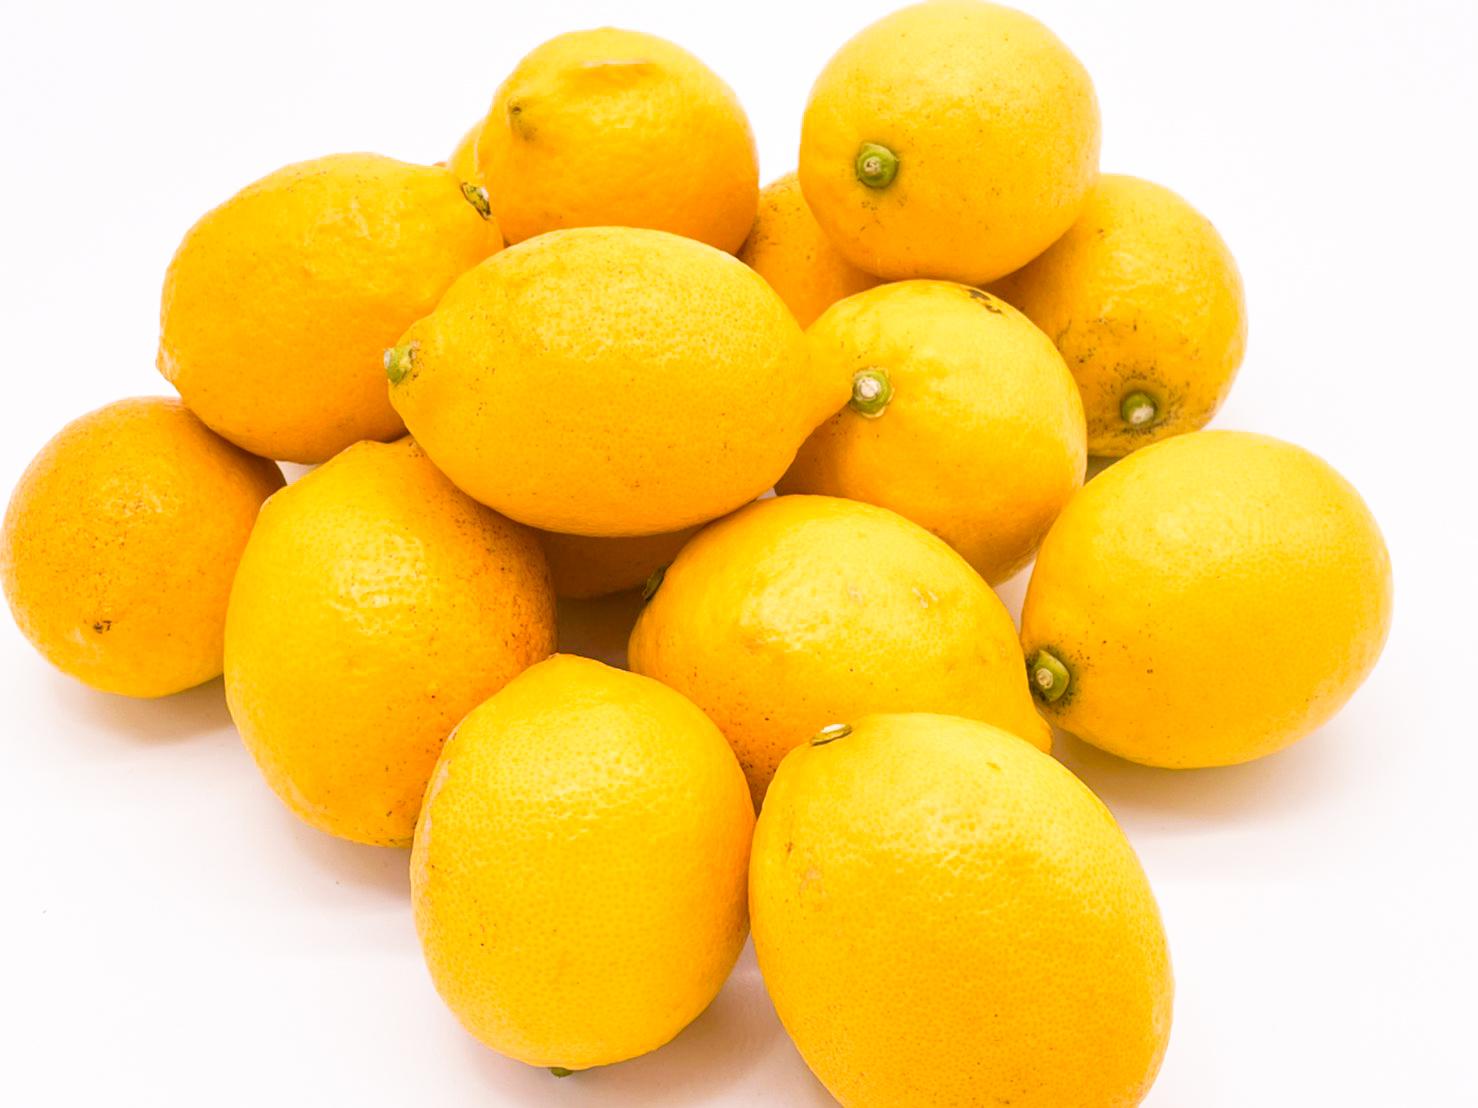 実績写真:レモン 国産【愛媛県産】無農薬 瀬戸内|約3kg|S〜3L混載